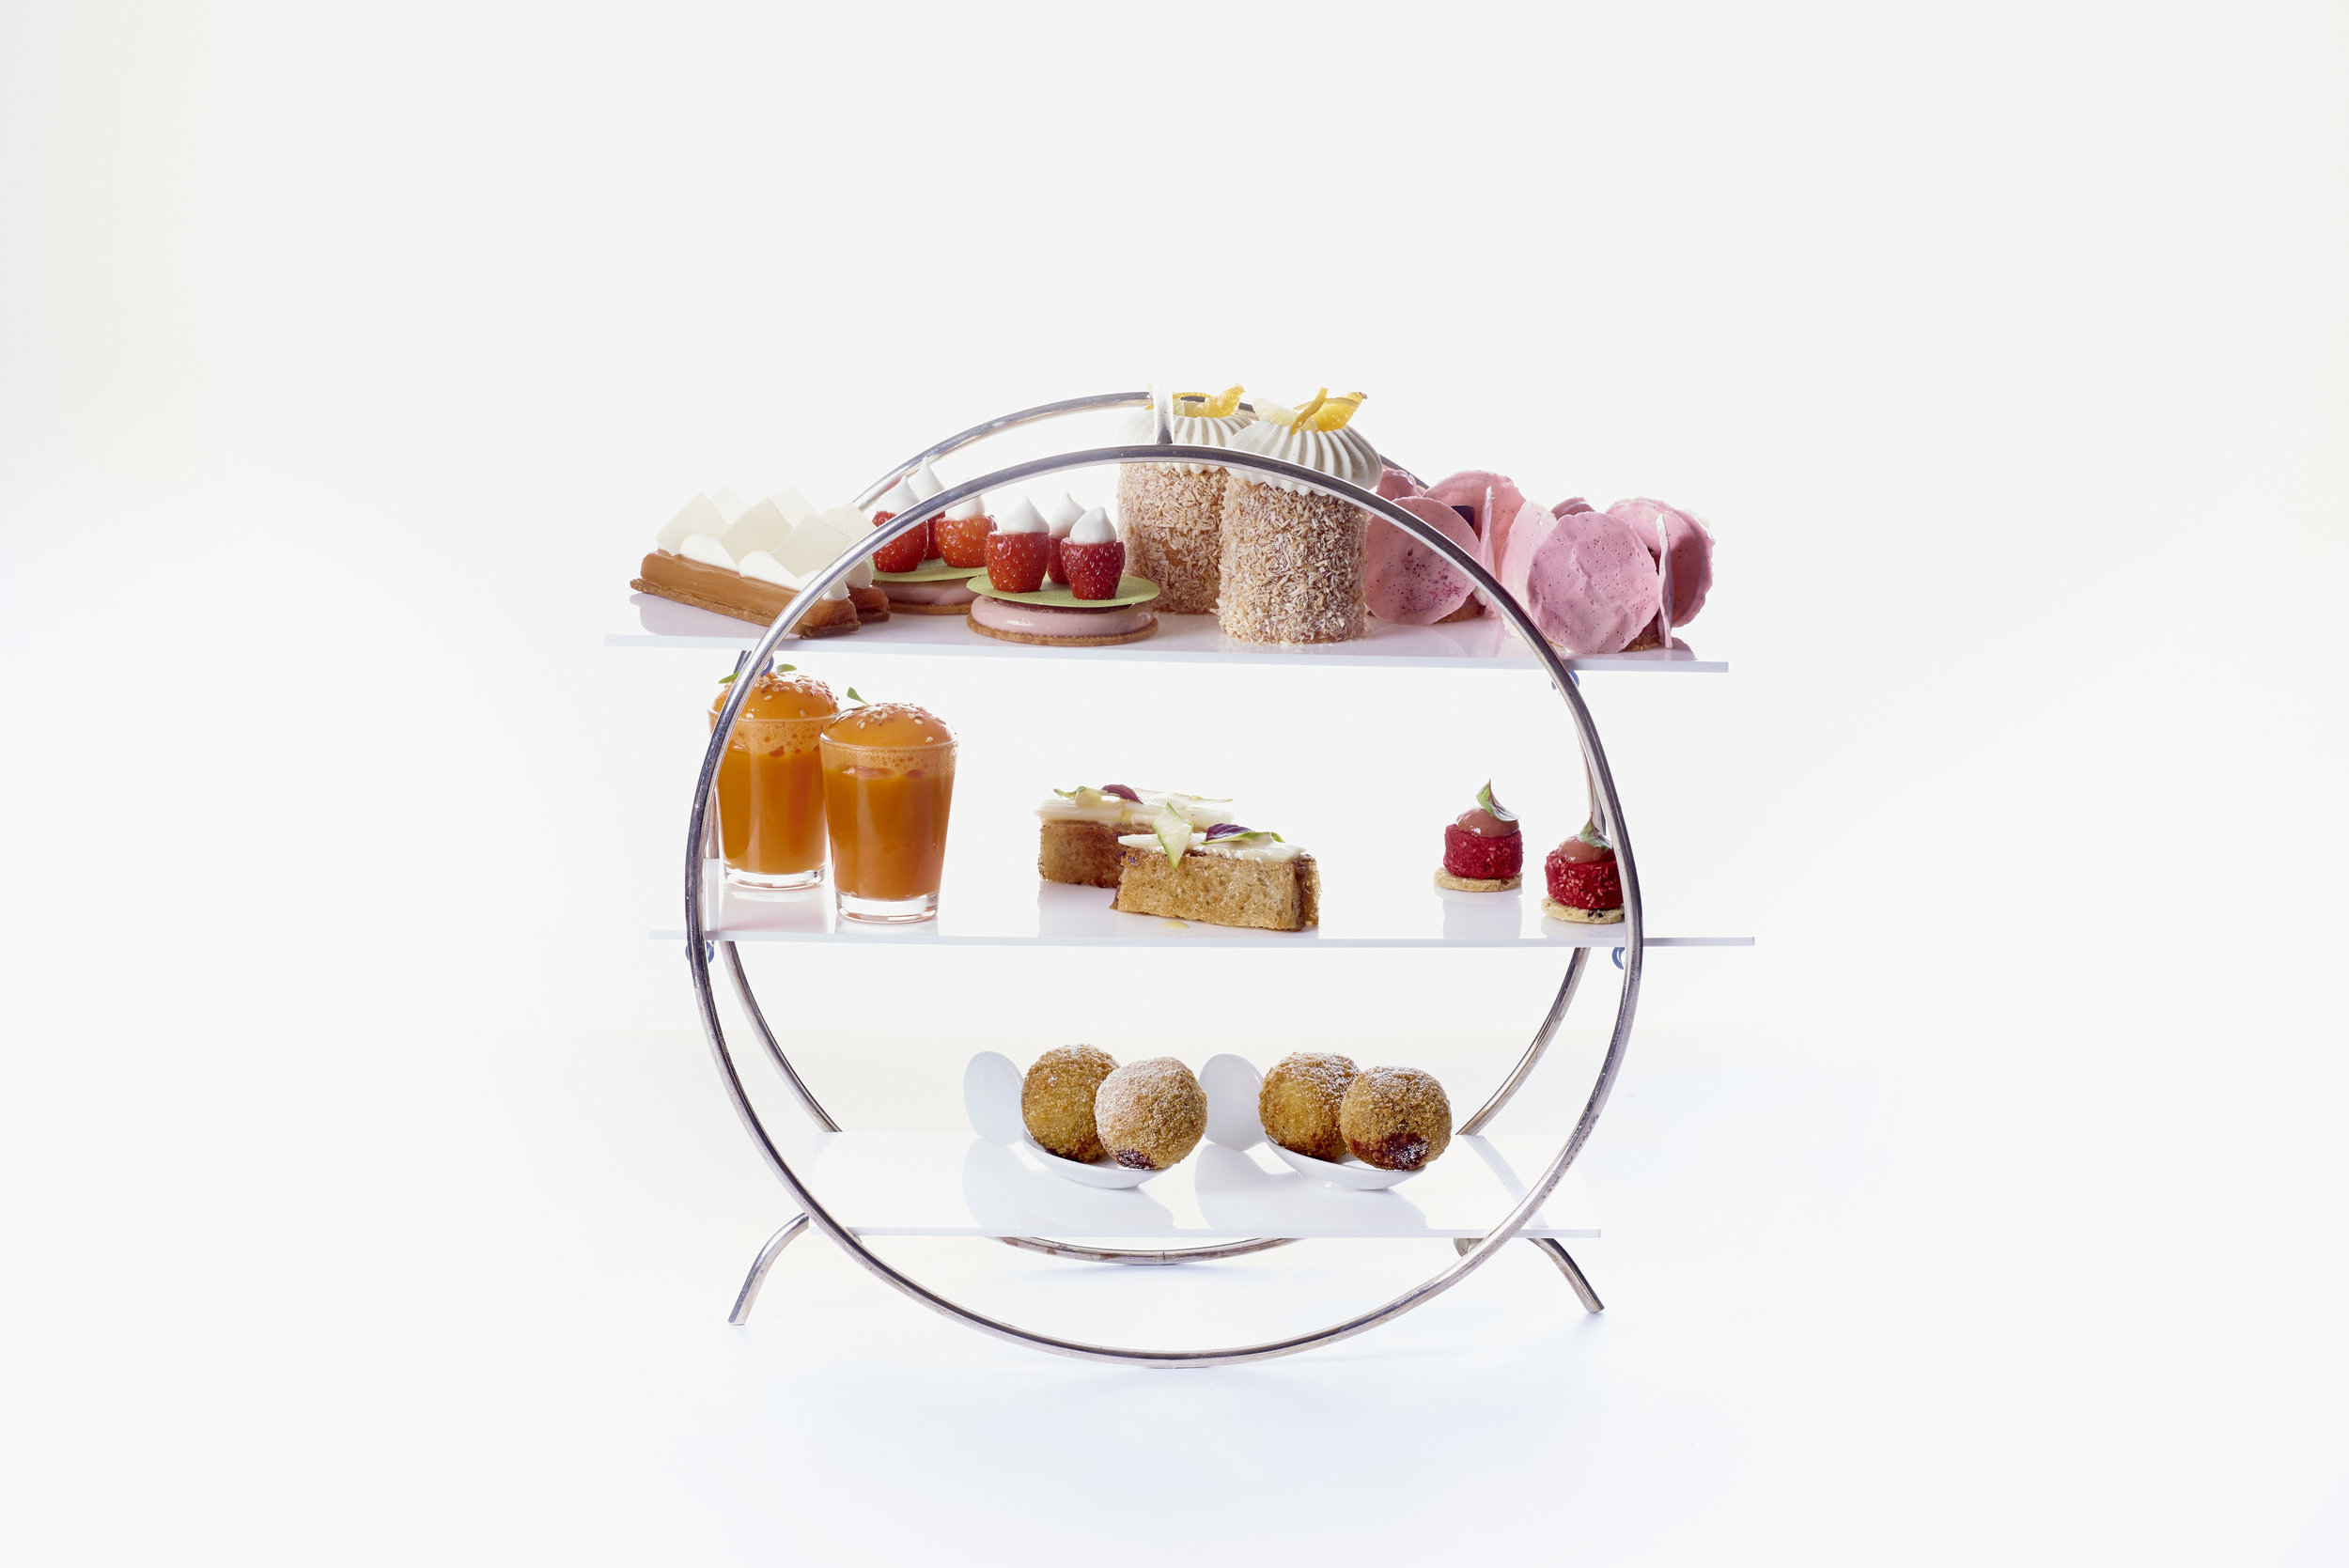 Tea Time Printemps par Jimmy Mornet - Hôtel 5* Park Hyatt Paris-Vendôme